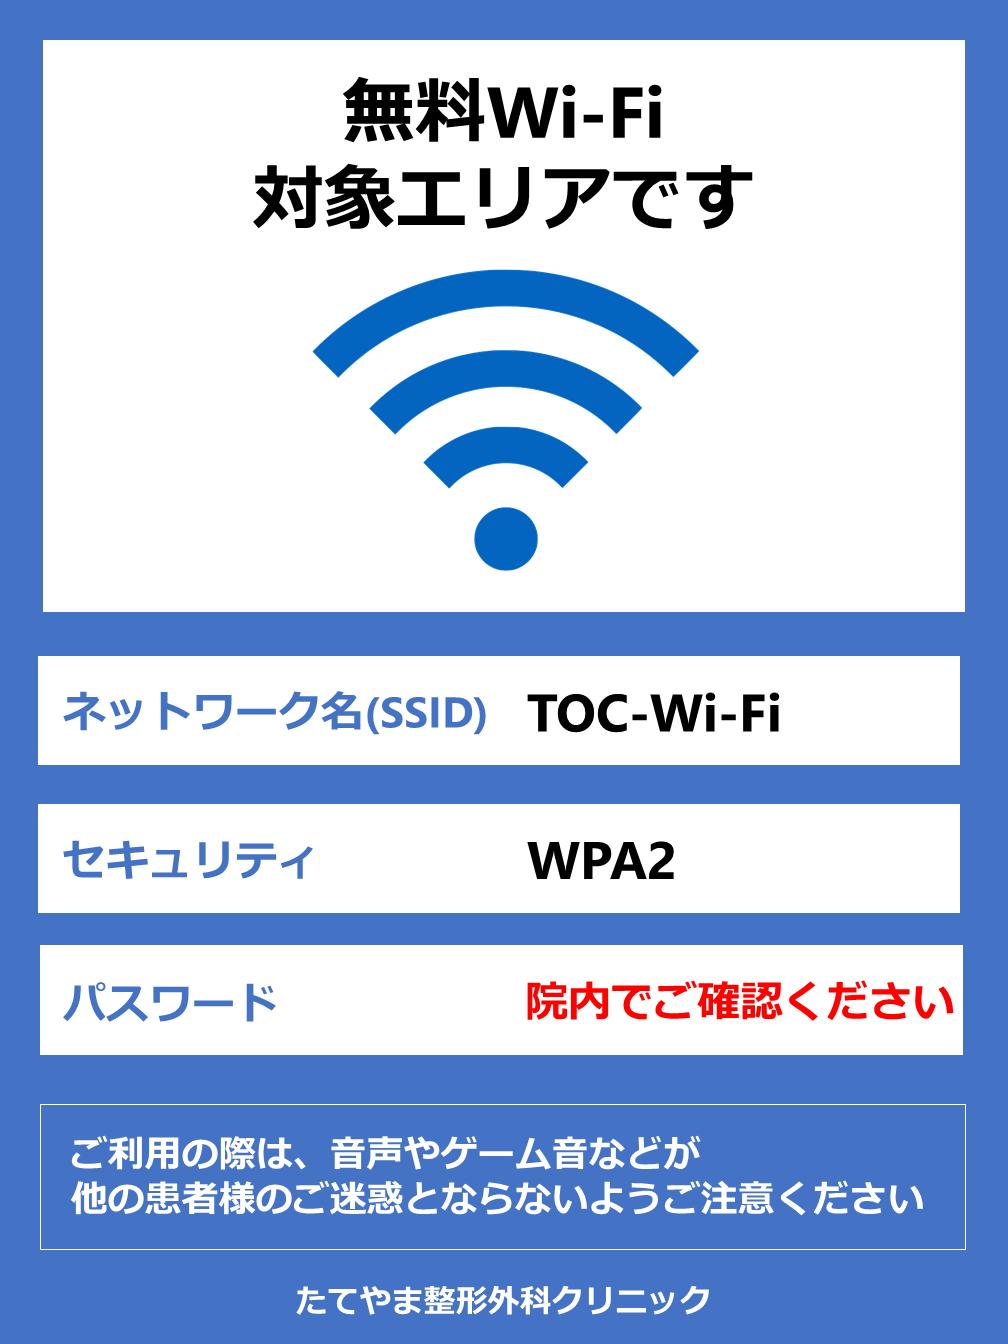 院内無料Wi-Fiの案内ポスターの掲示について_b0329026_08501791.png